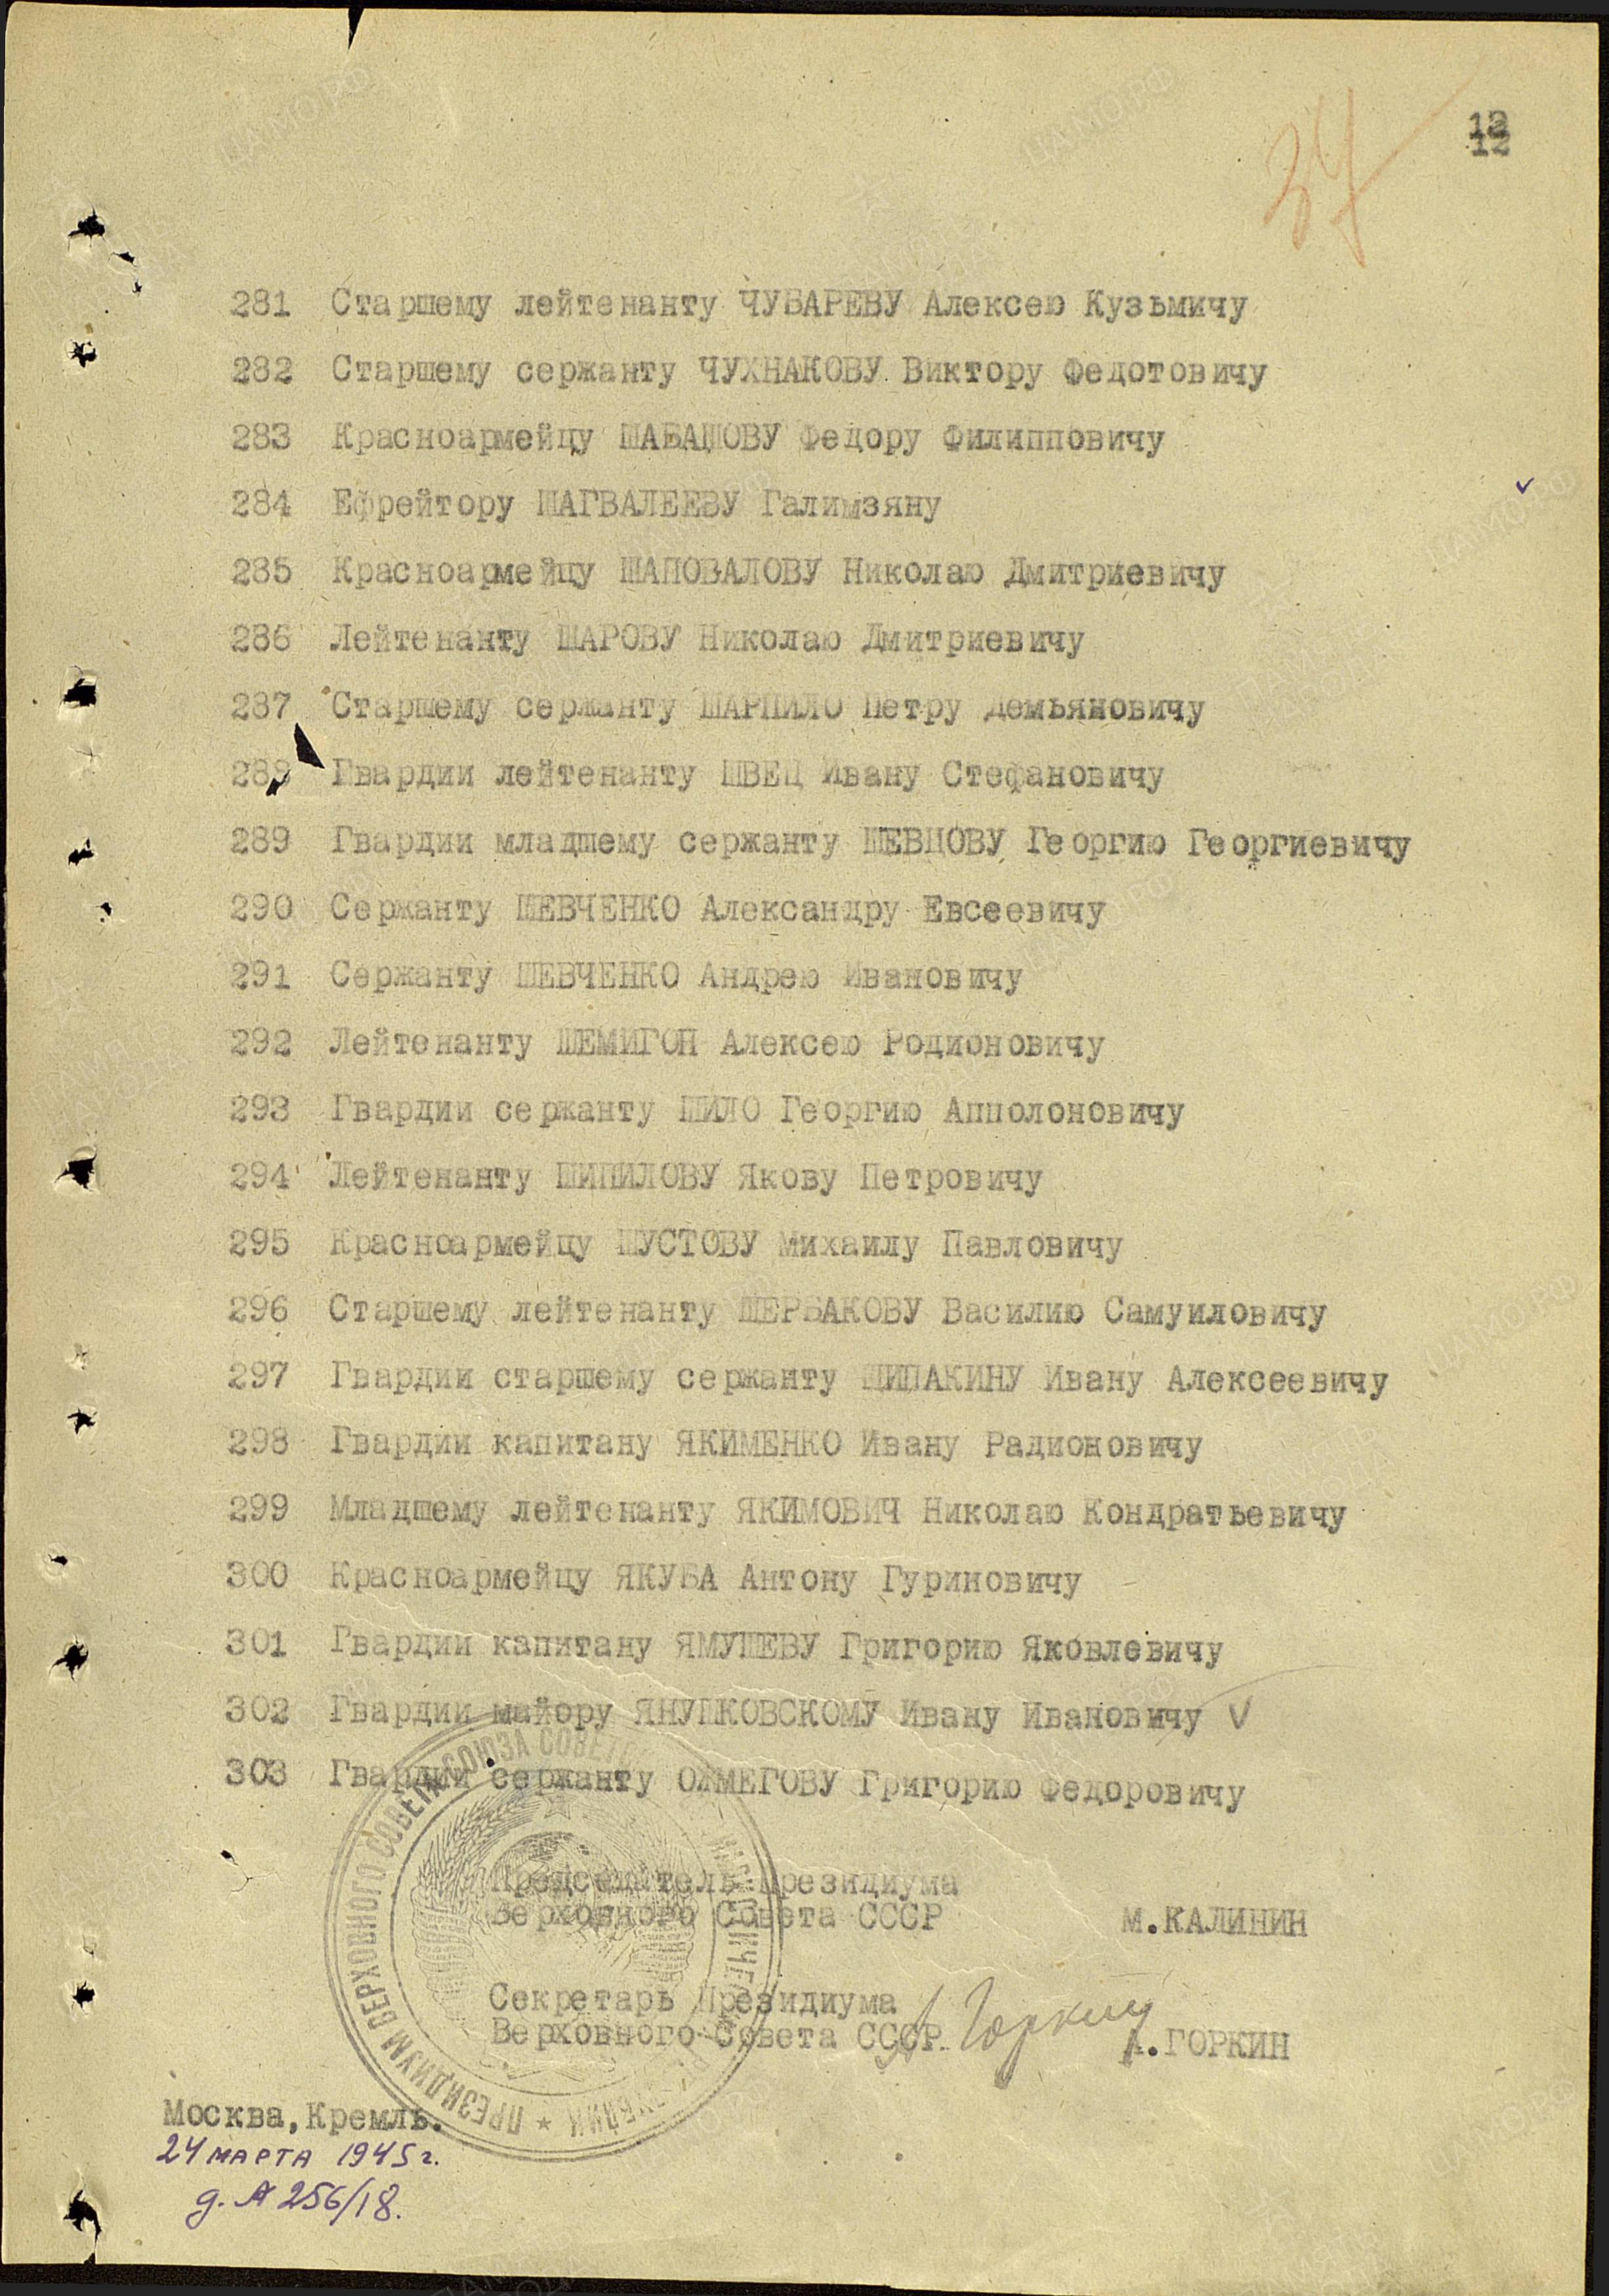 8. Указ Президиума Верховного Совета СССР